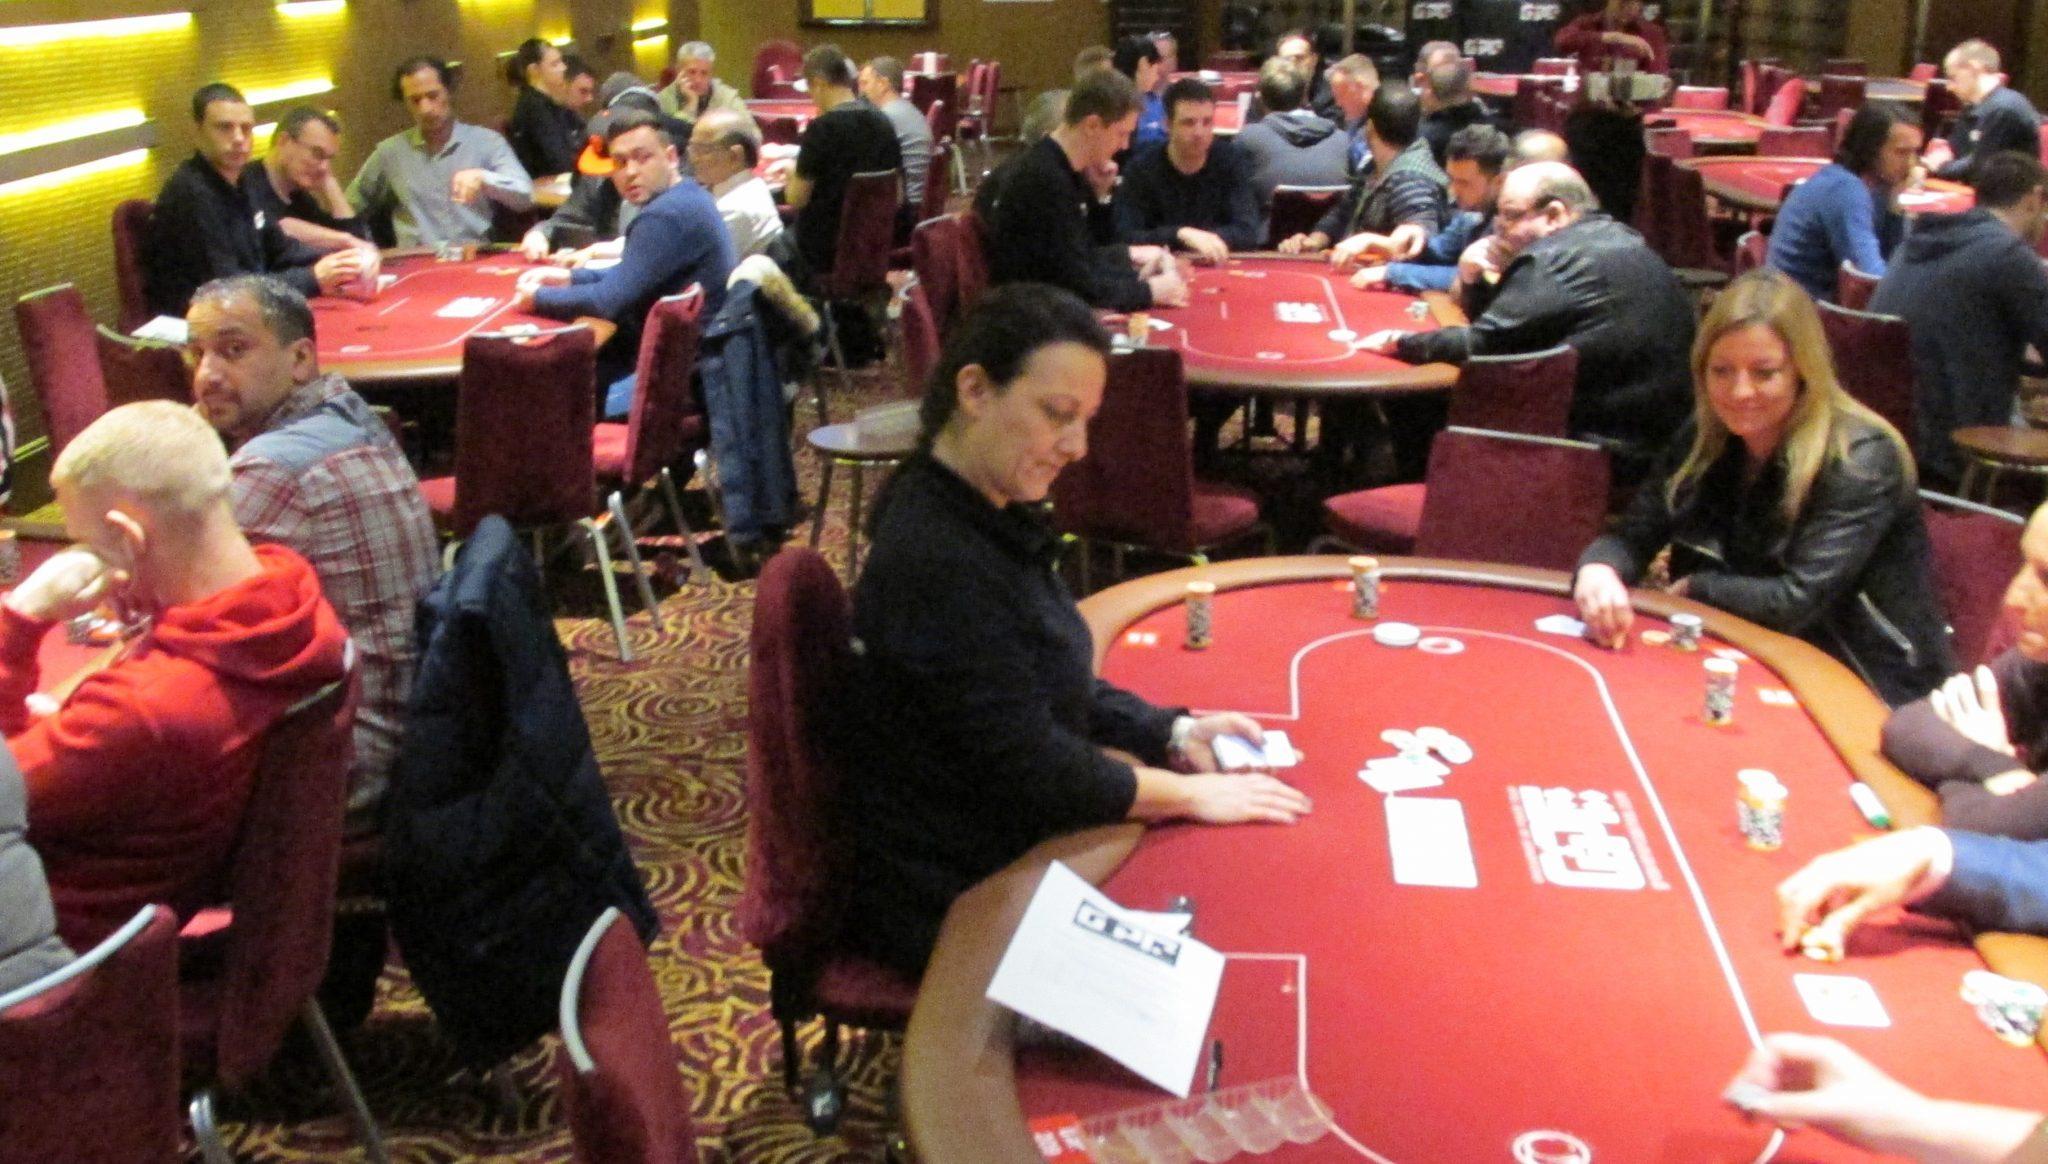 1800 gambler